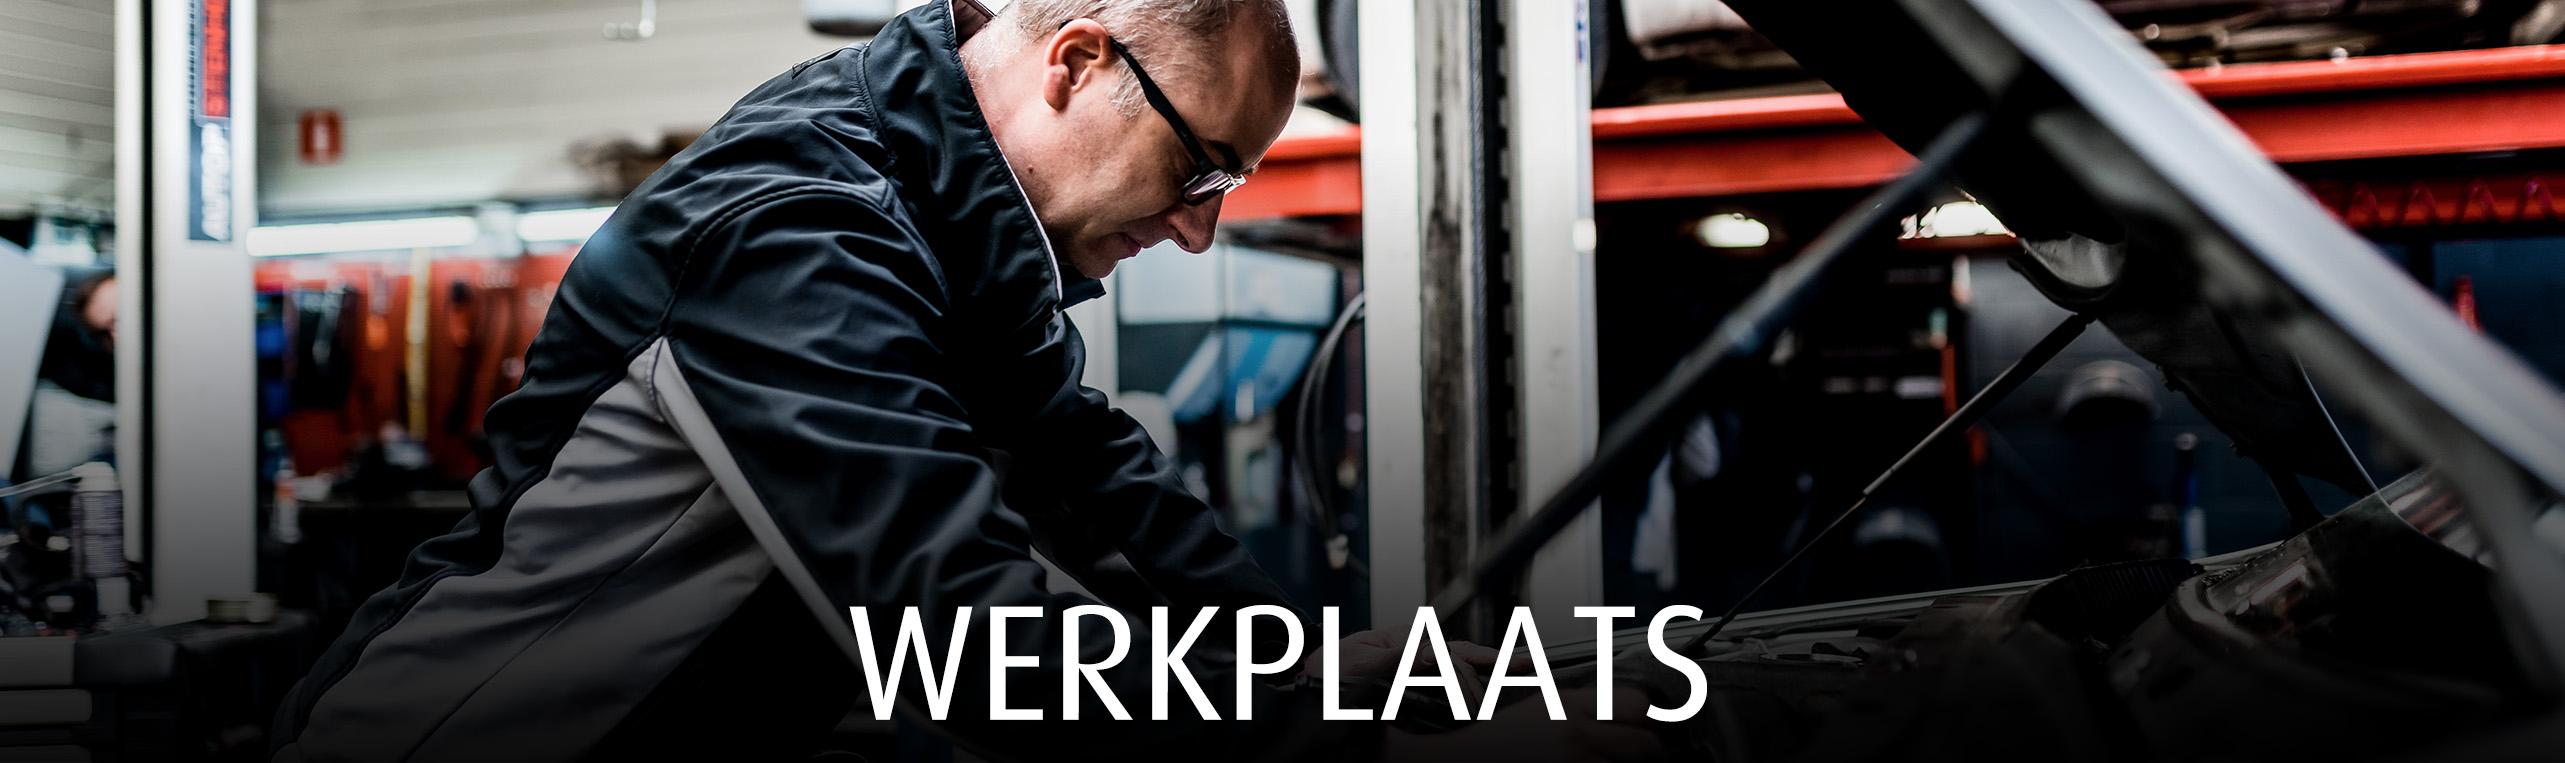 Werkplaats Jan Dodemont garage Eijsden